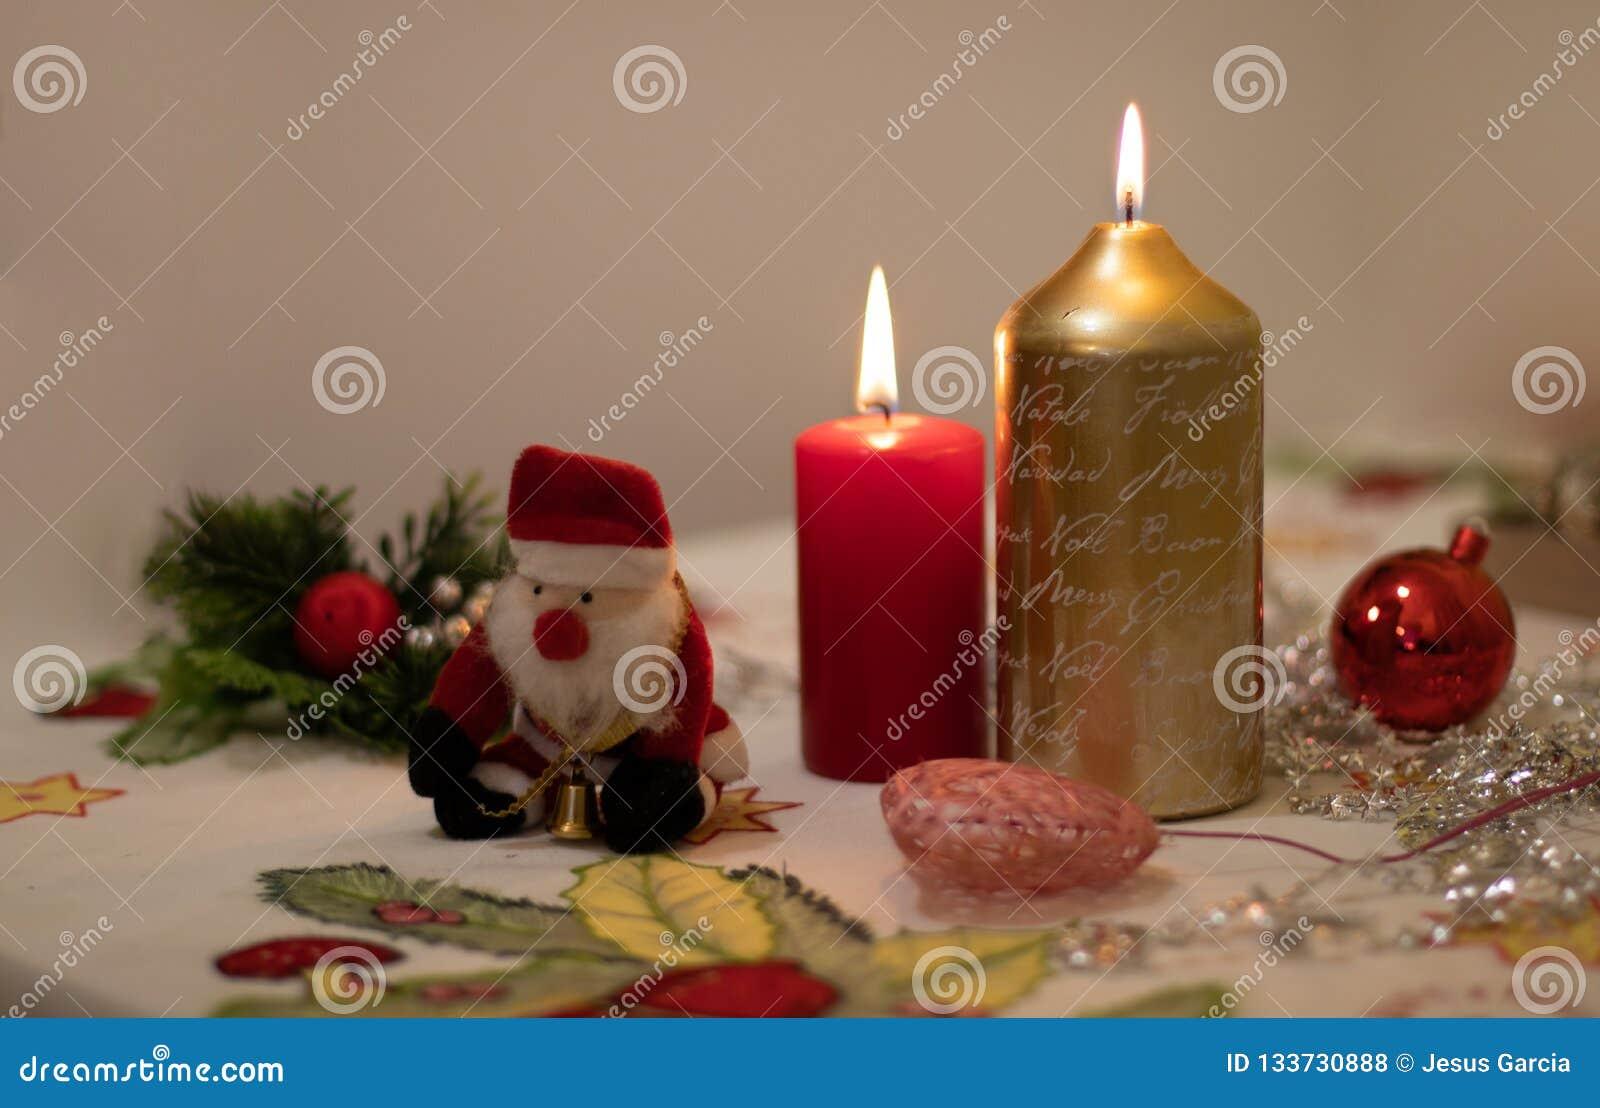 Las velas se encendieron con la decoración de la Navidad y una muñeca de Santa Claus en un mantel